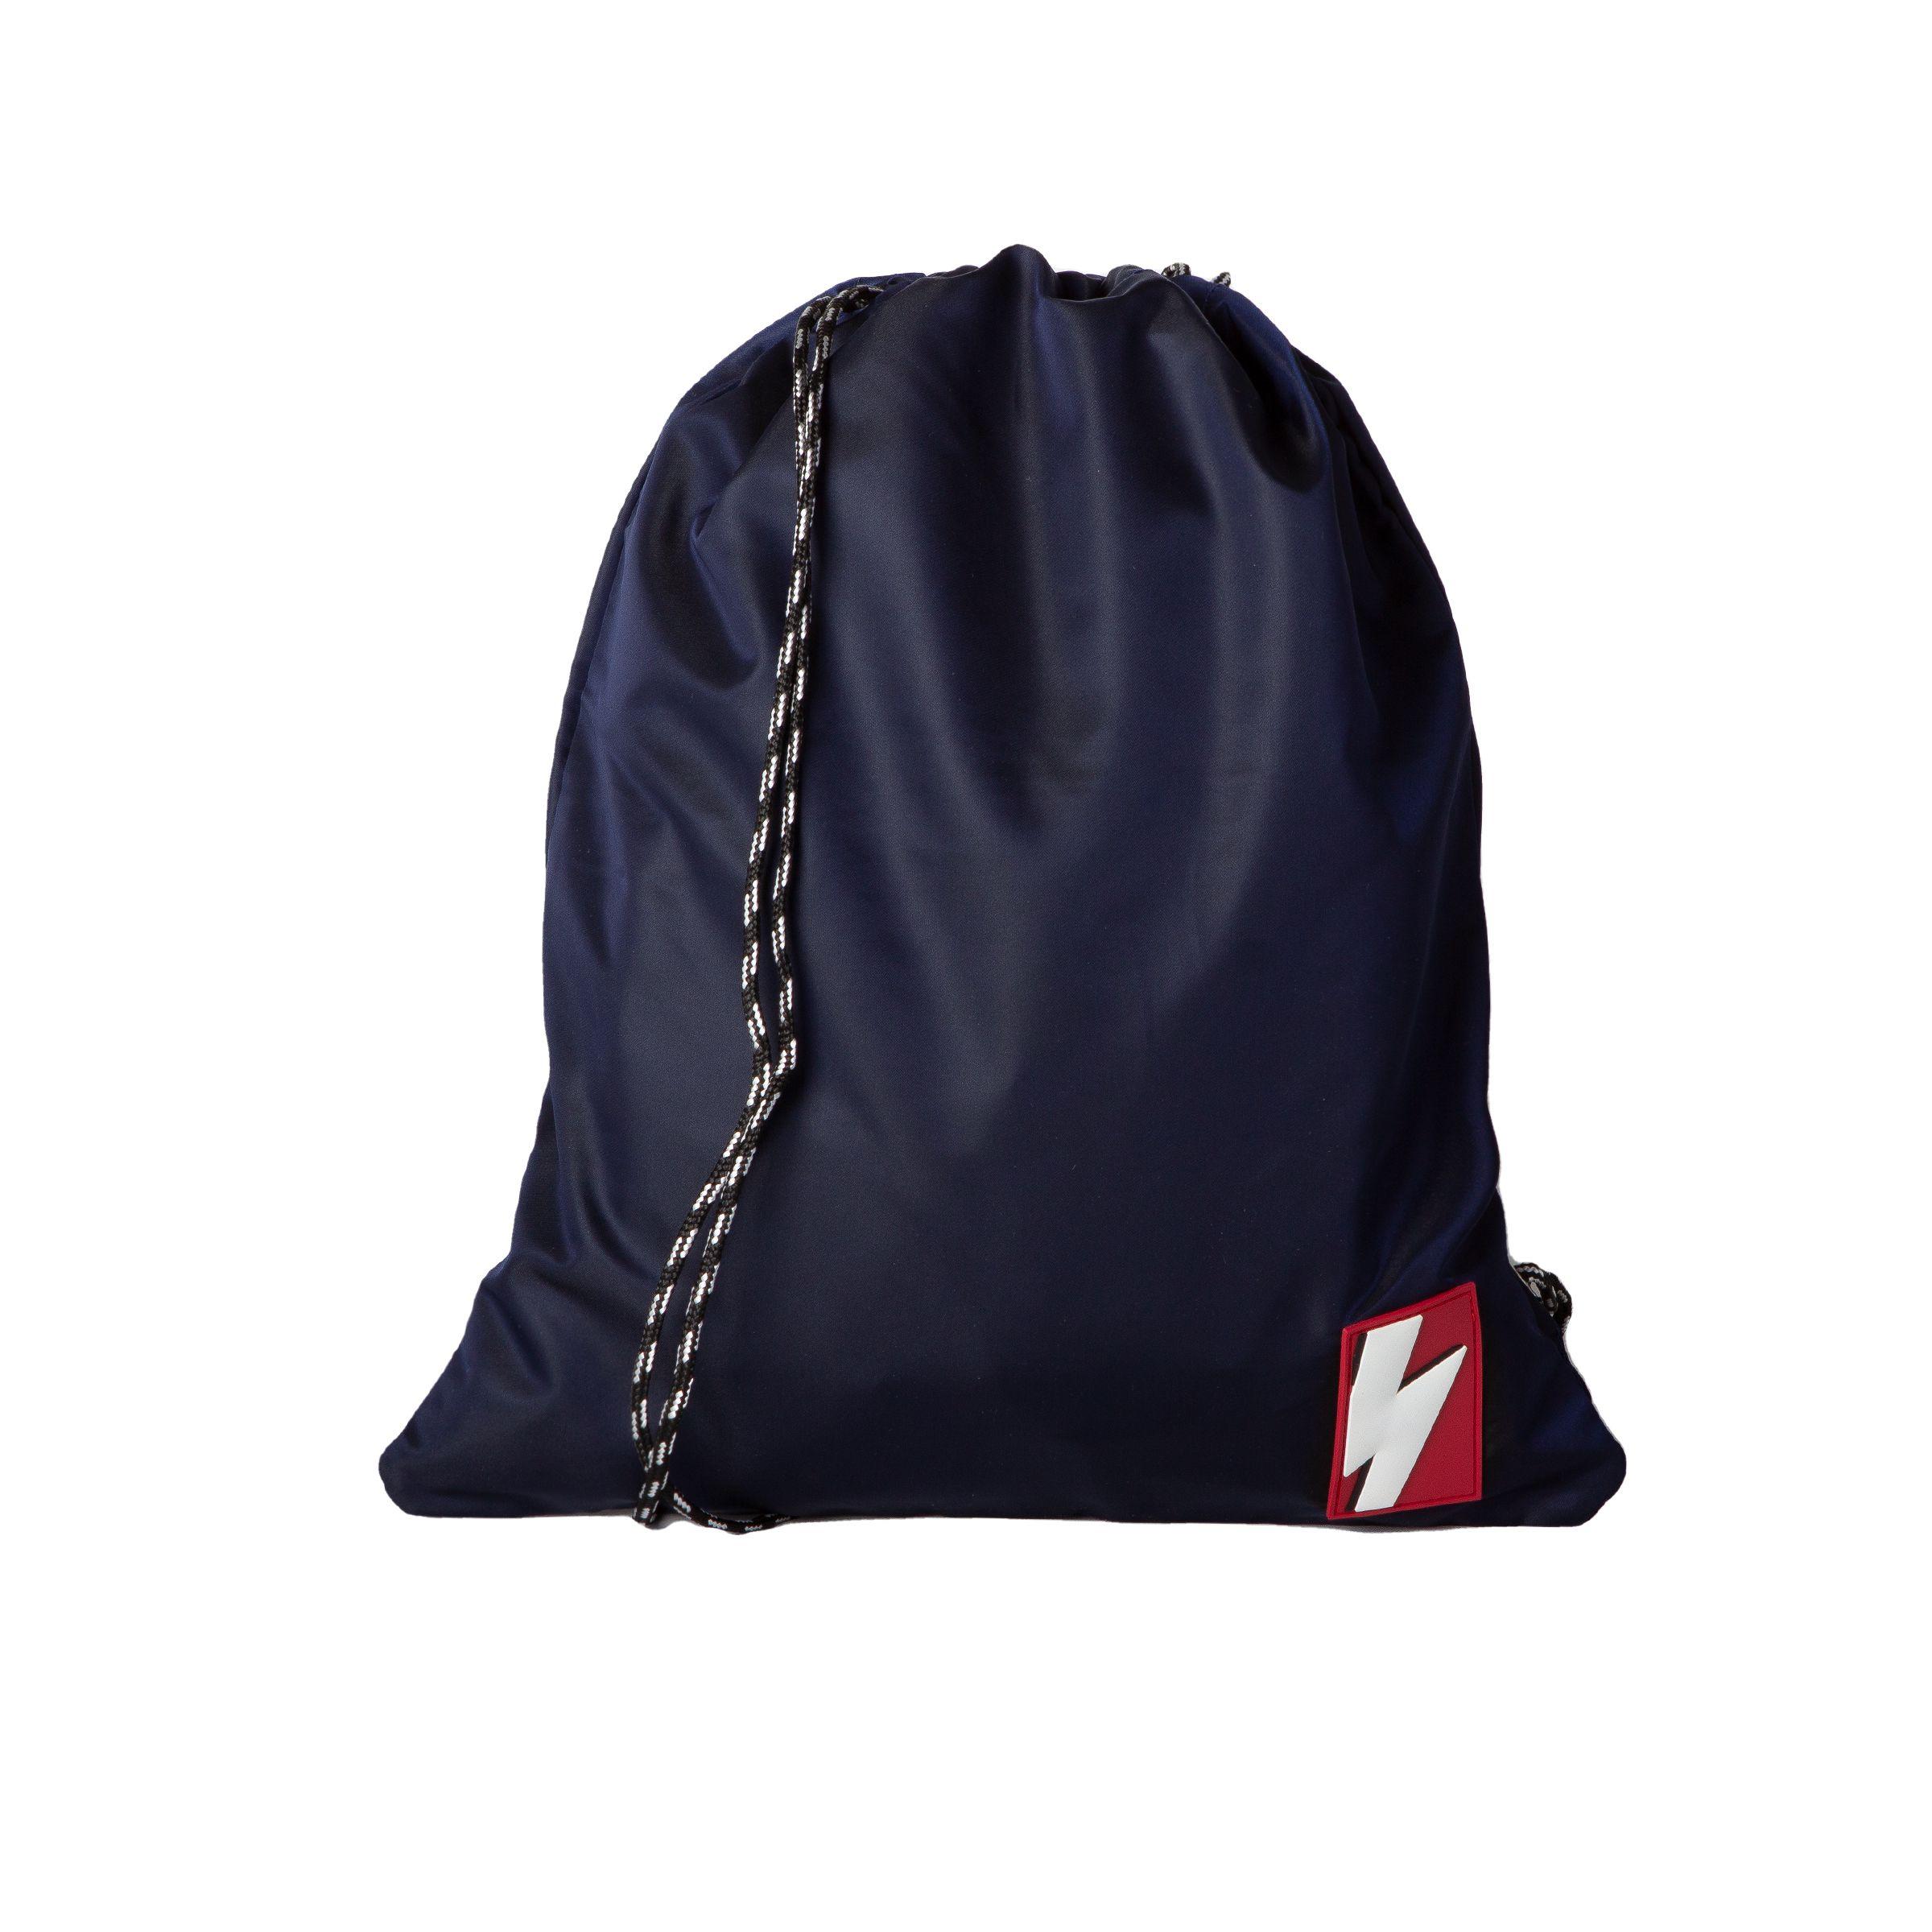 Neil Barrett Men's Backpack Blue BBO952X9100_466NAVY